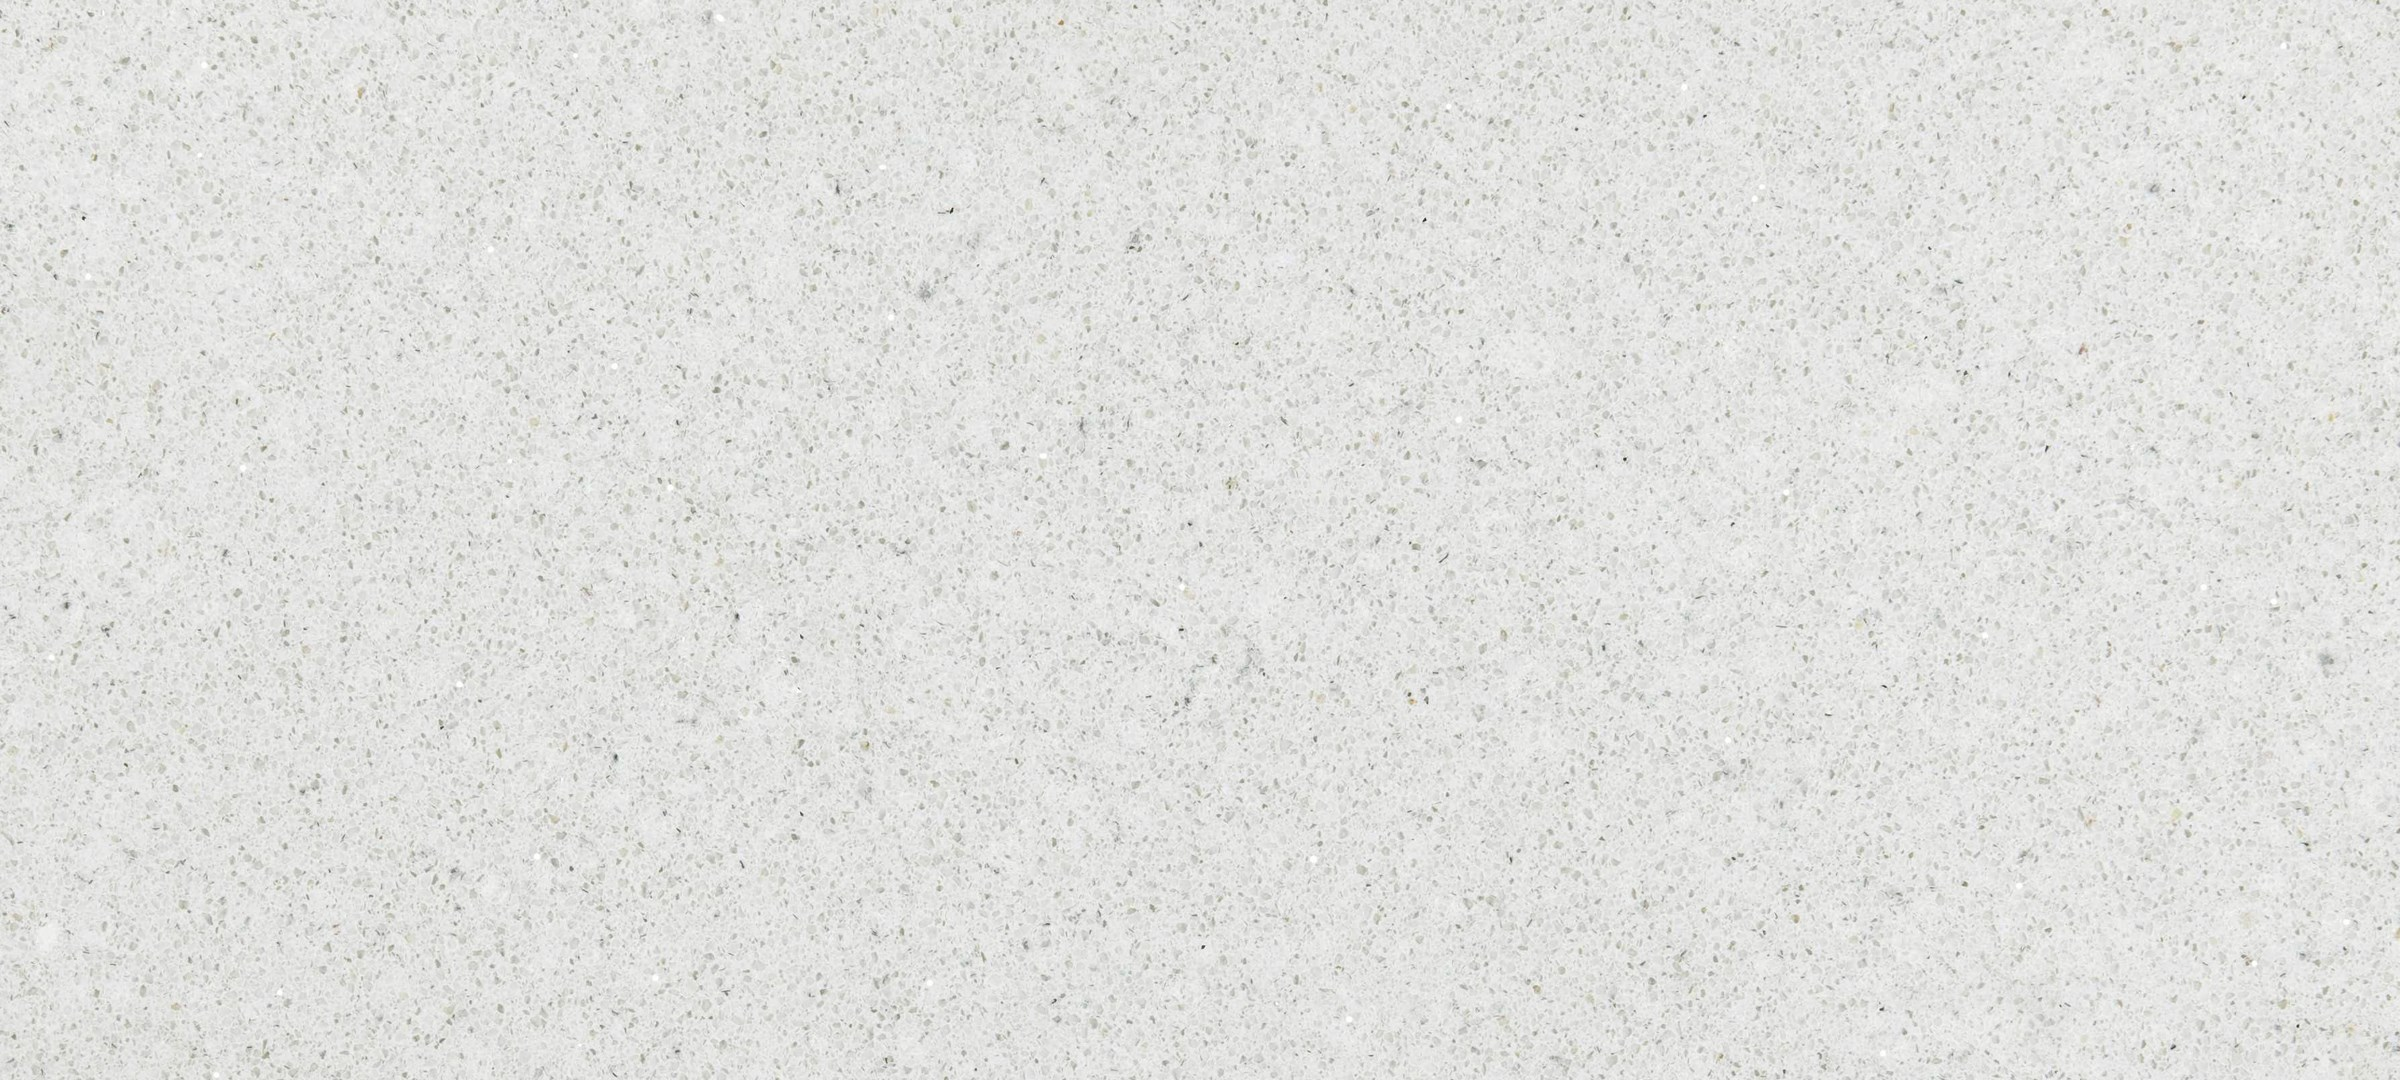 3142 White Shimmer